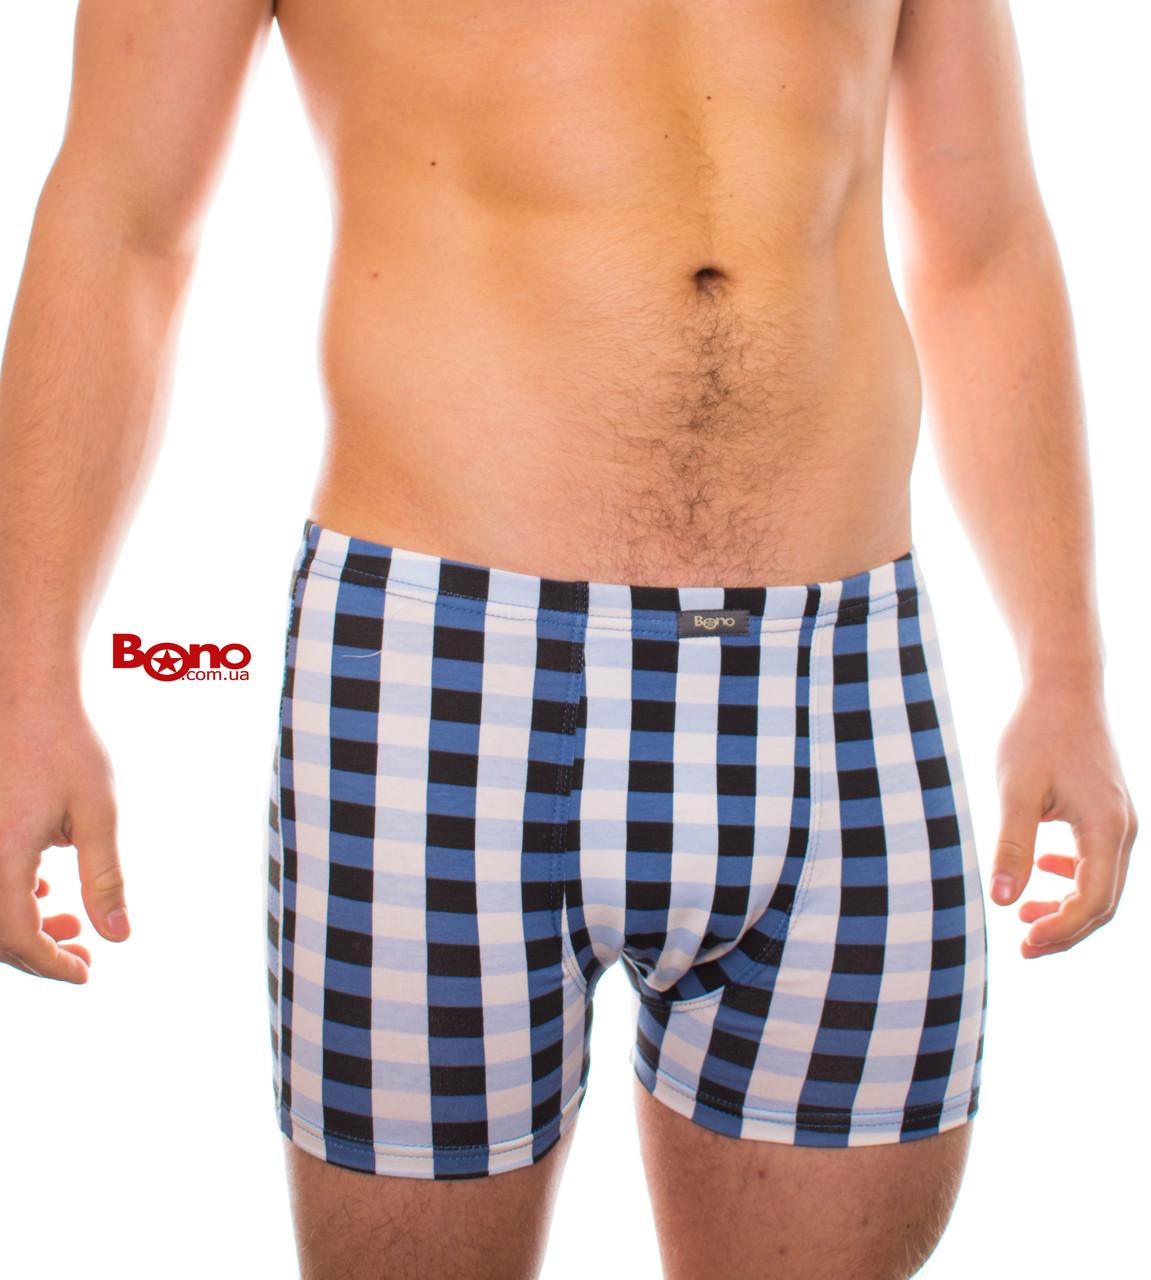 Bono трусы шорты 950257